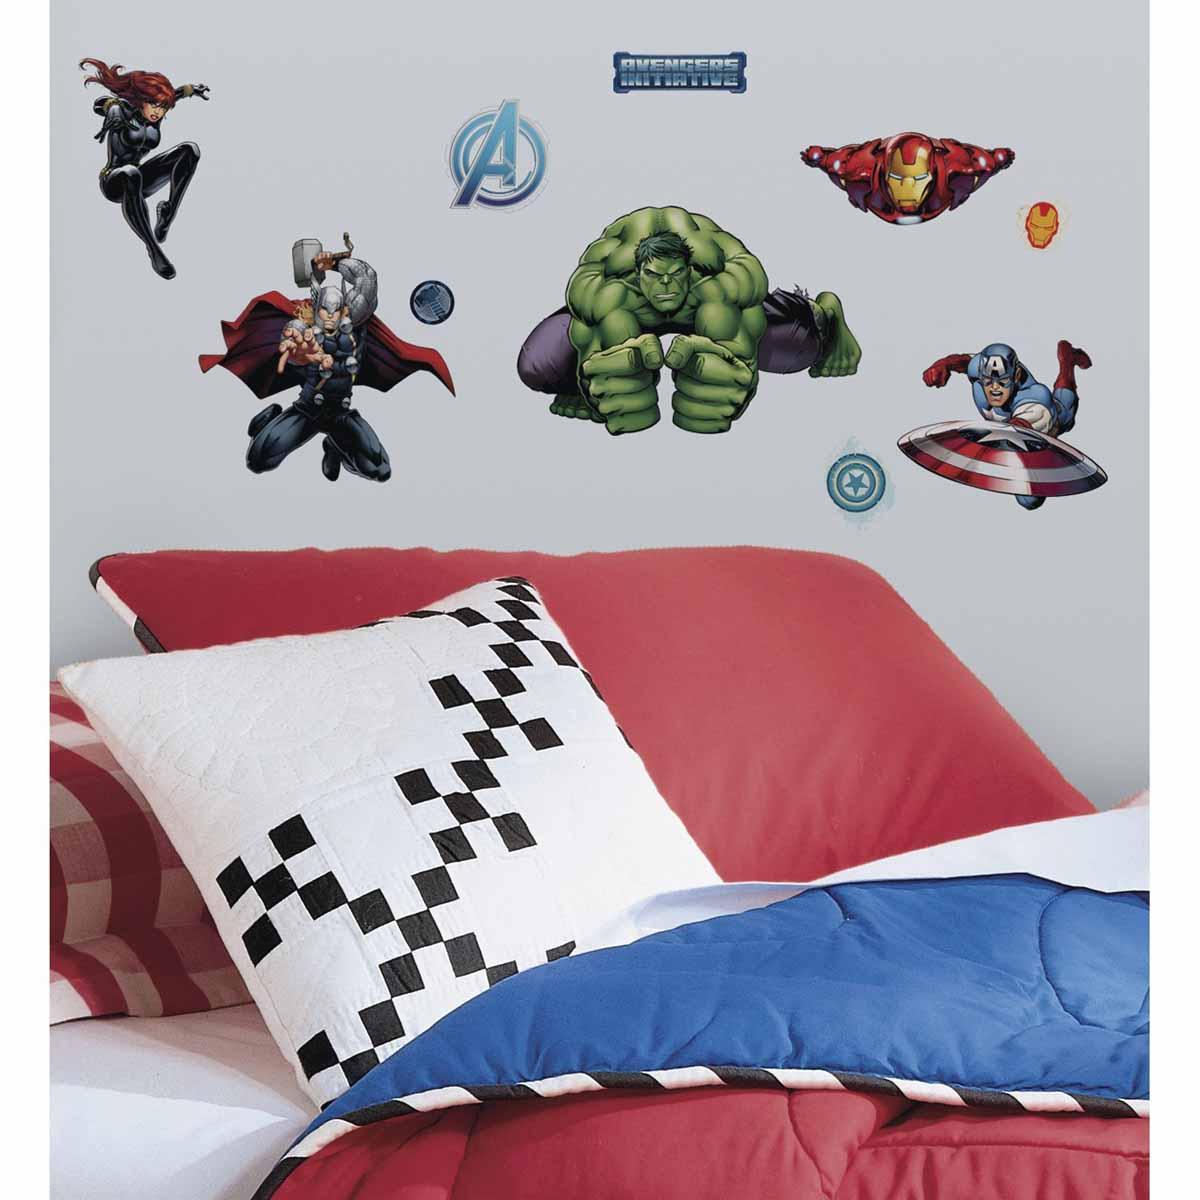 RoomMates Наклейка интерьерная Мстители 28 шт -  Детская комната